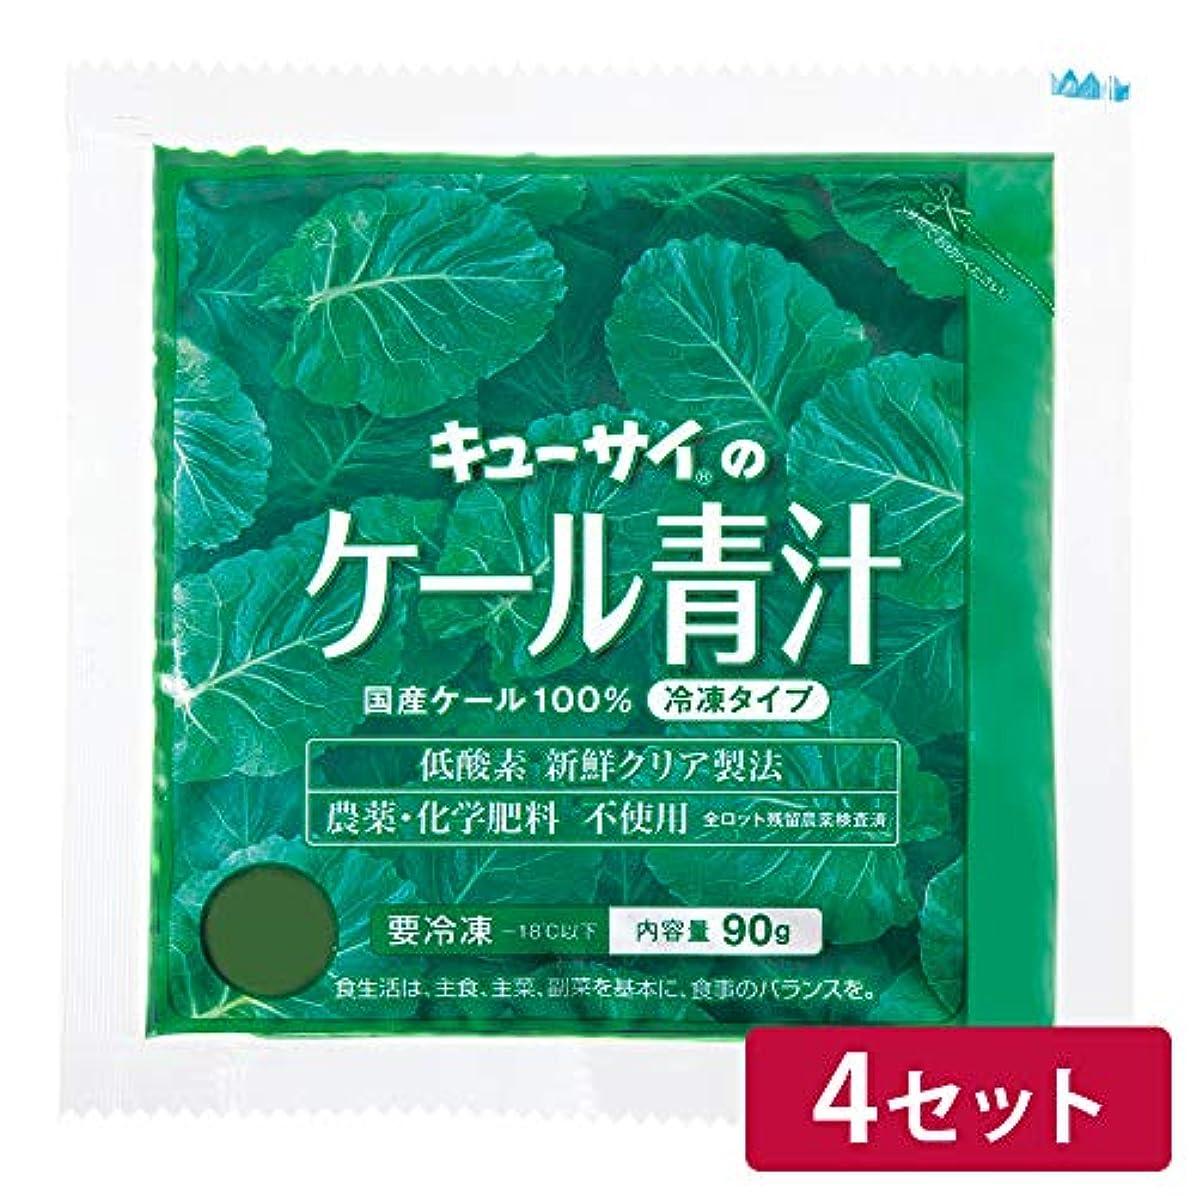 耐えられないパンツ解決するキューサイ青汁(冷凍タイプ)4セット/(90g×7袋)×4 国産ケール100%青汁